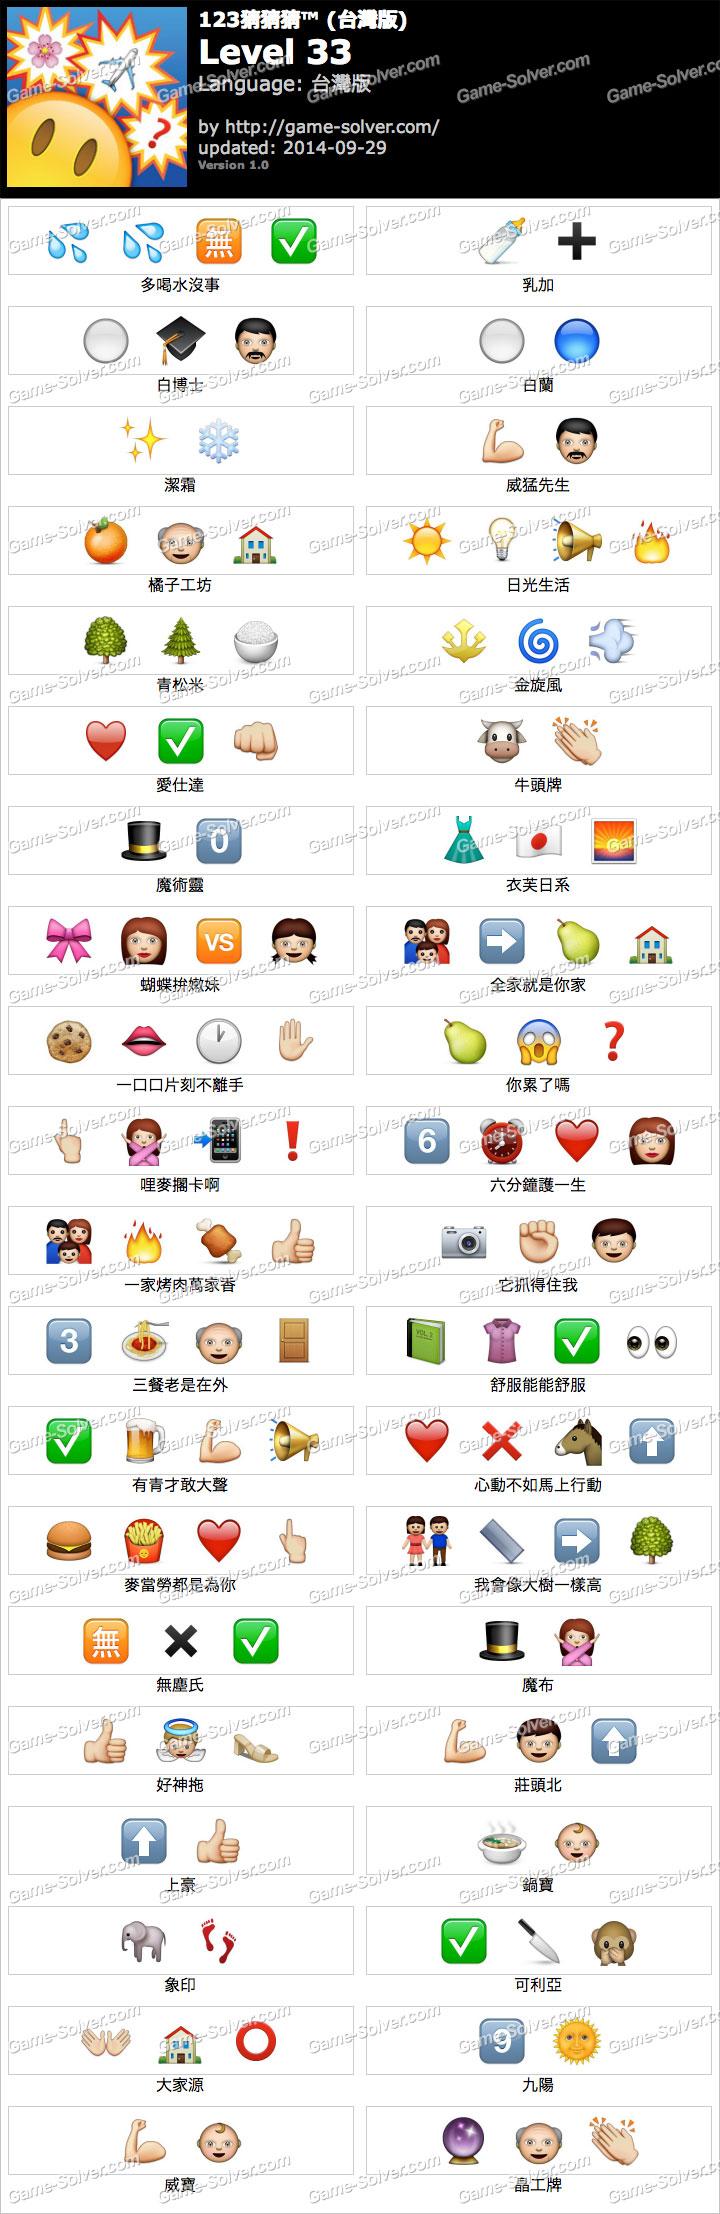 123猜猜猜台灣版答案等級33